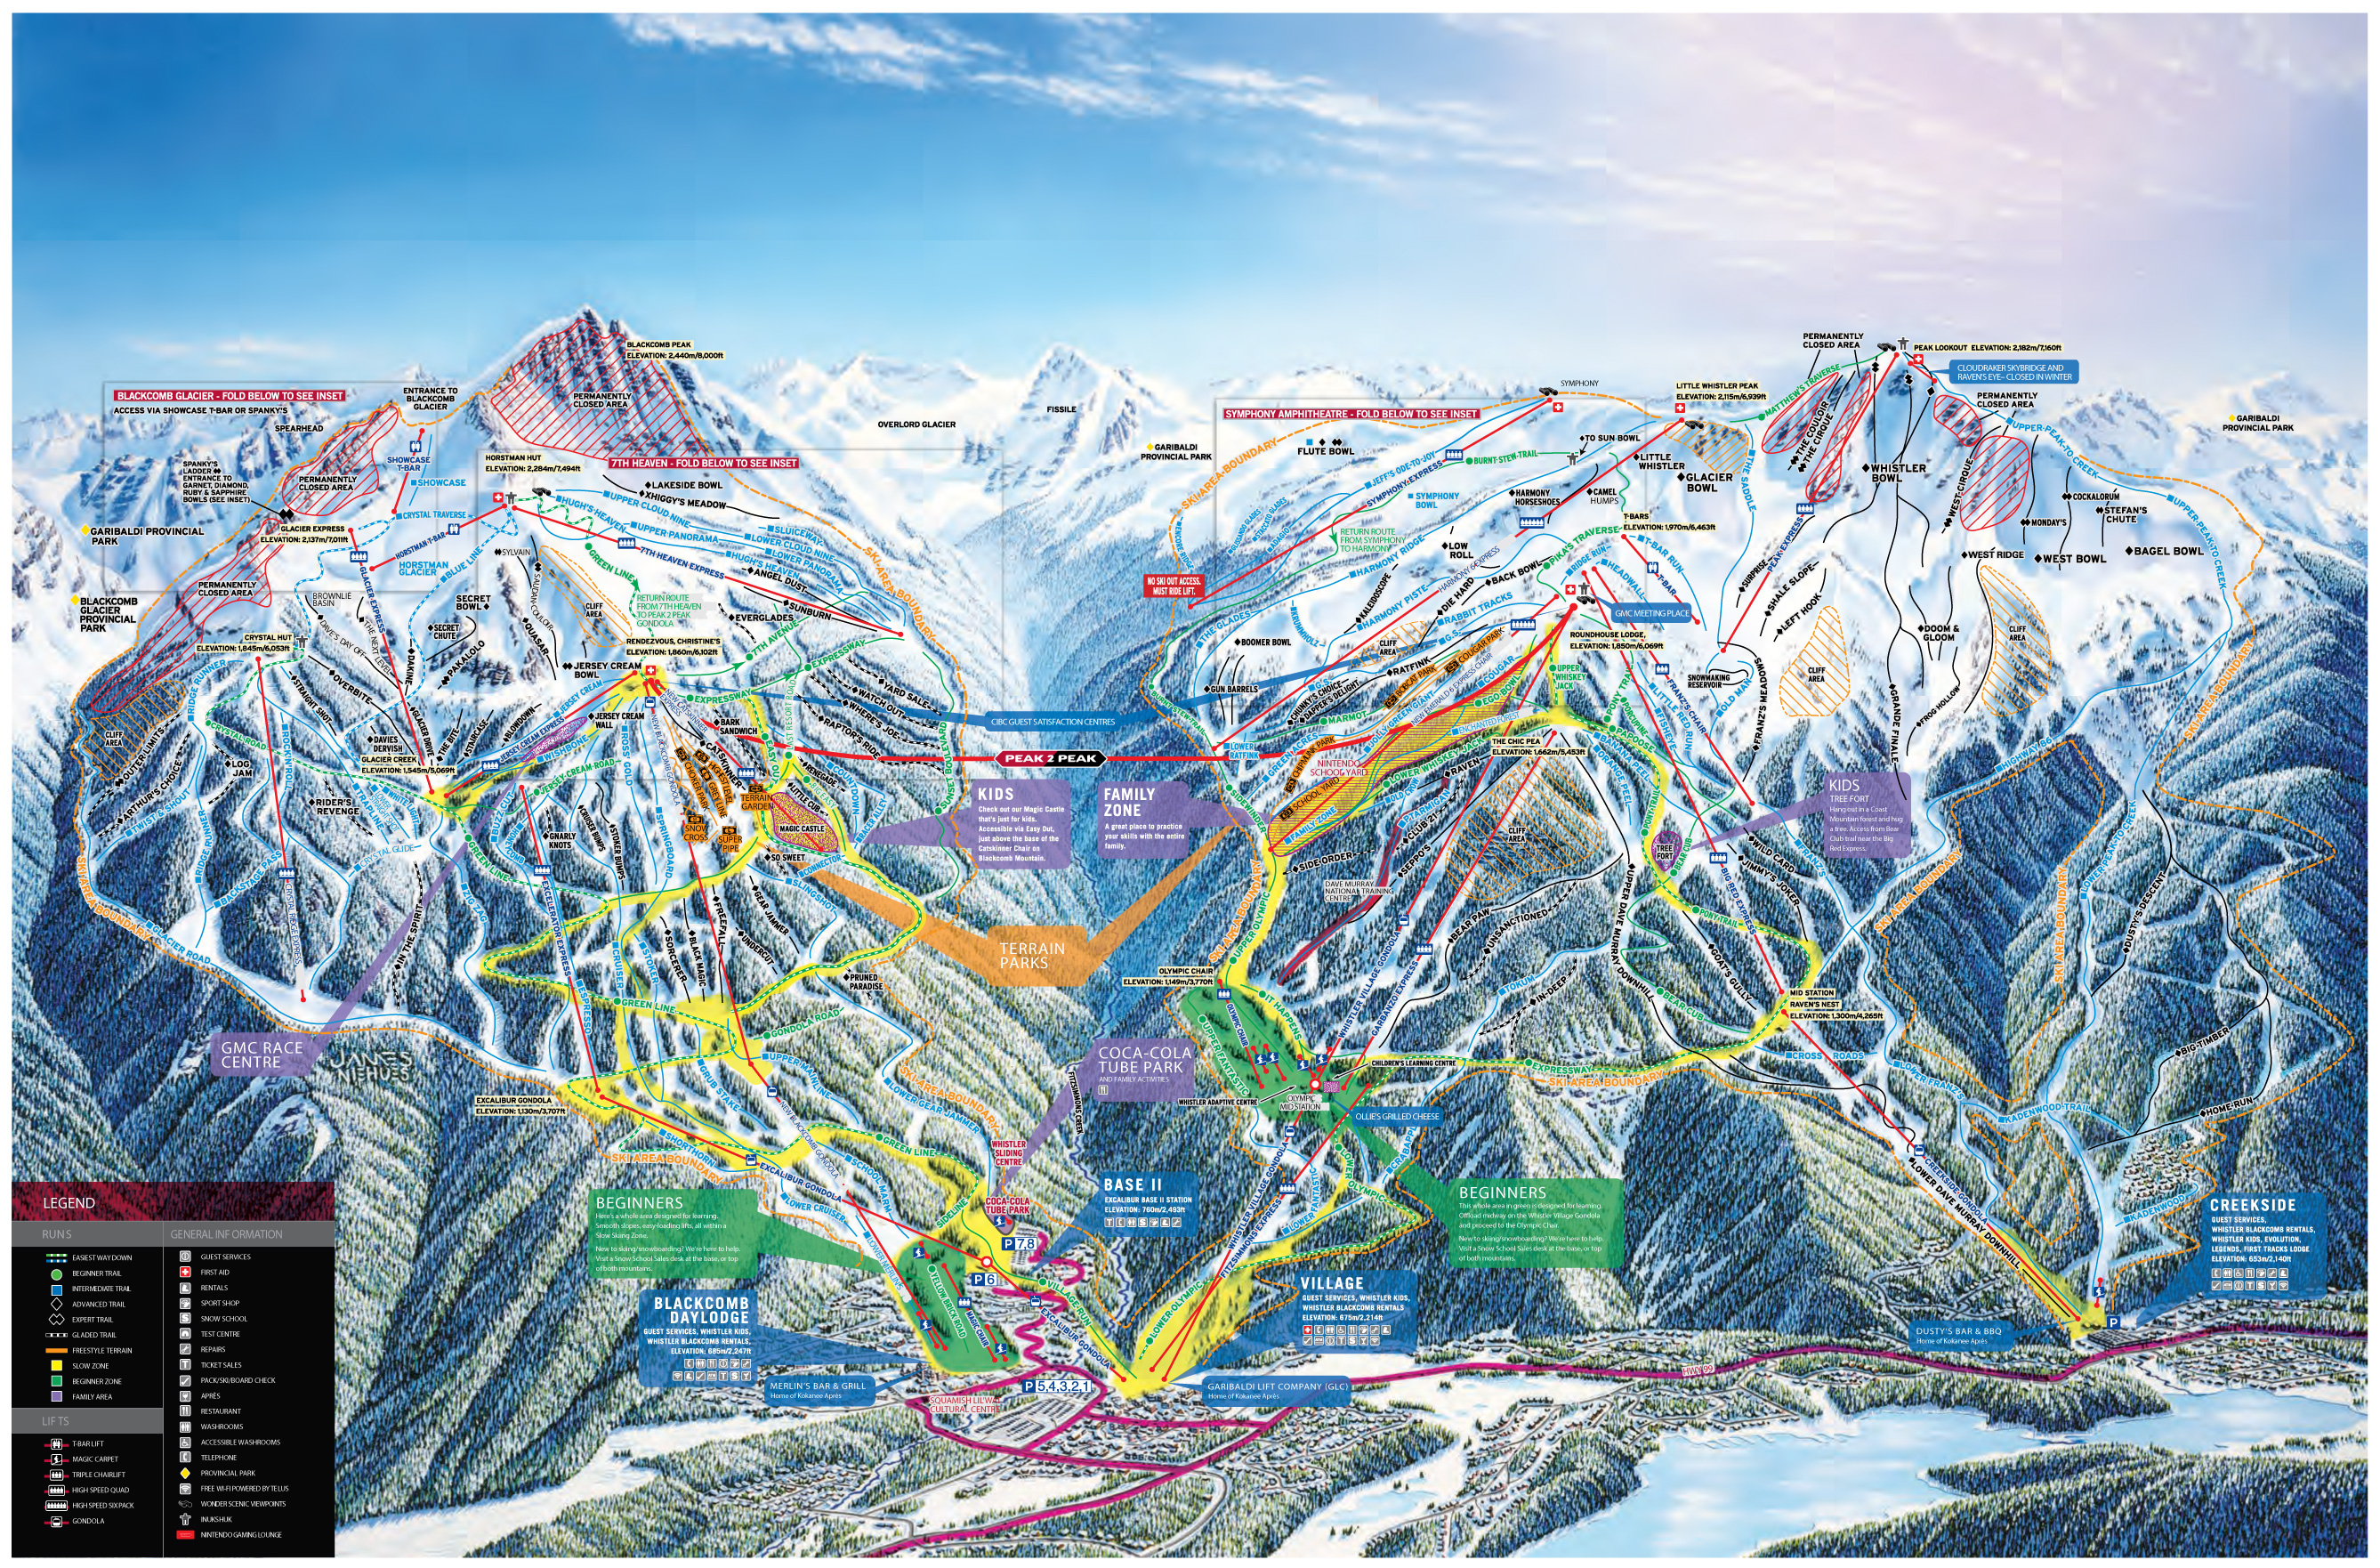 Whistler Canada Ski Map Whistler Blackcomb Trail Maps | Tourism Whistler